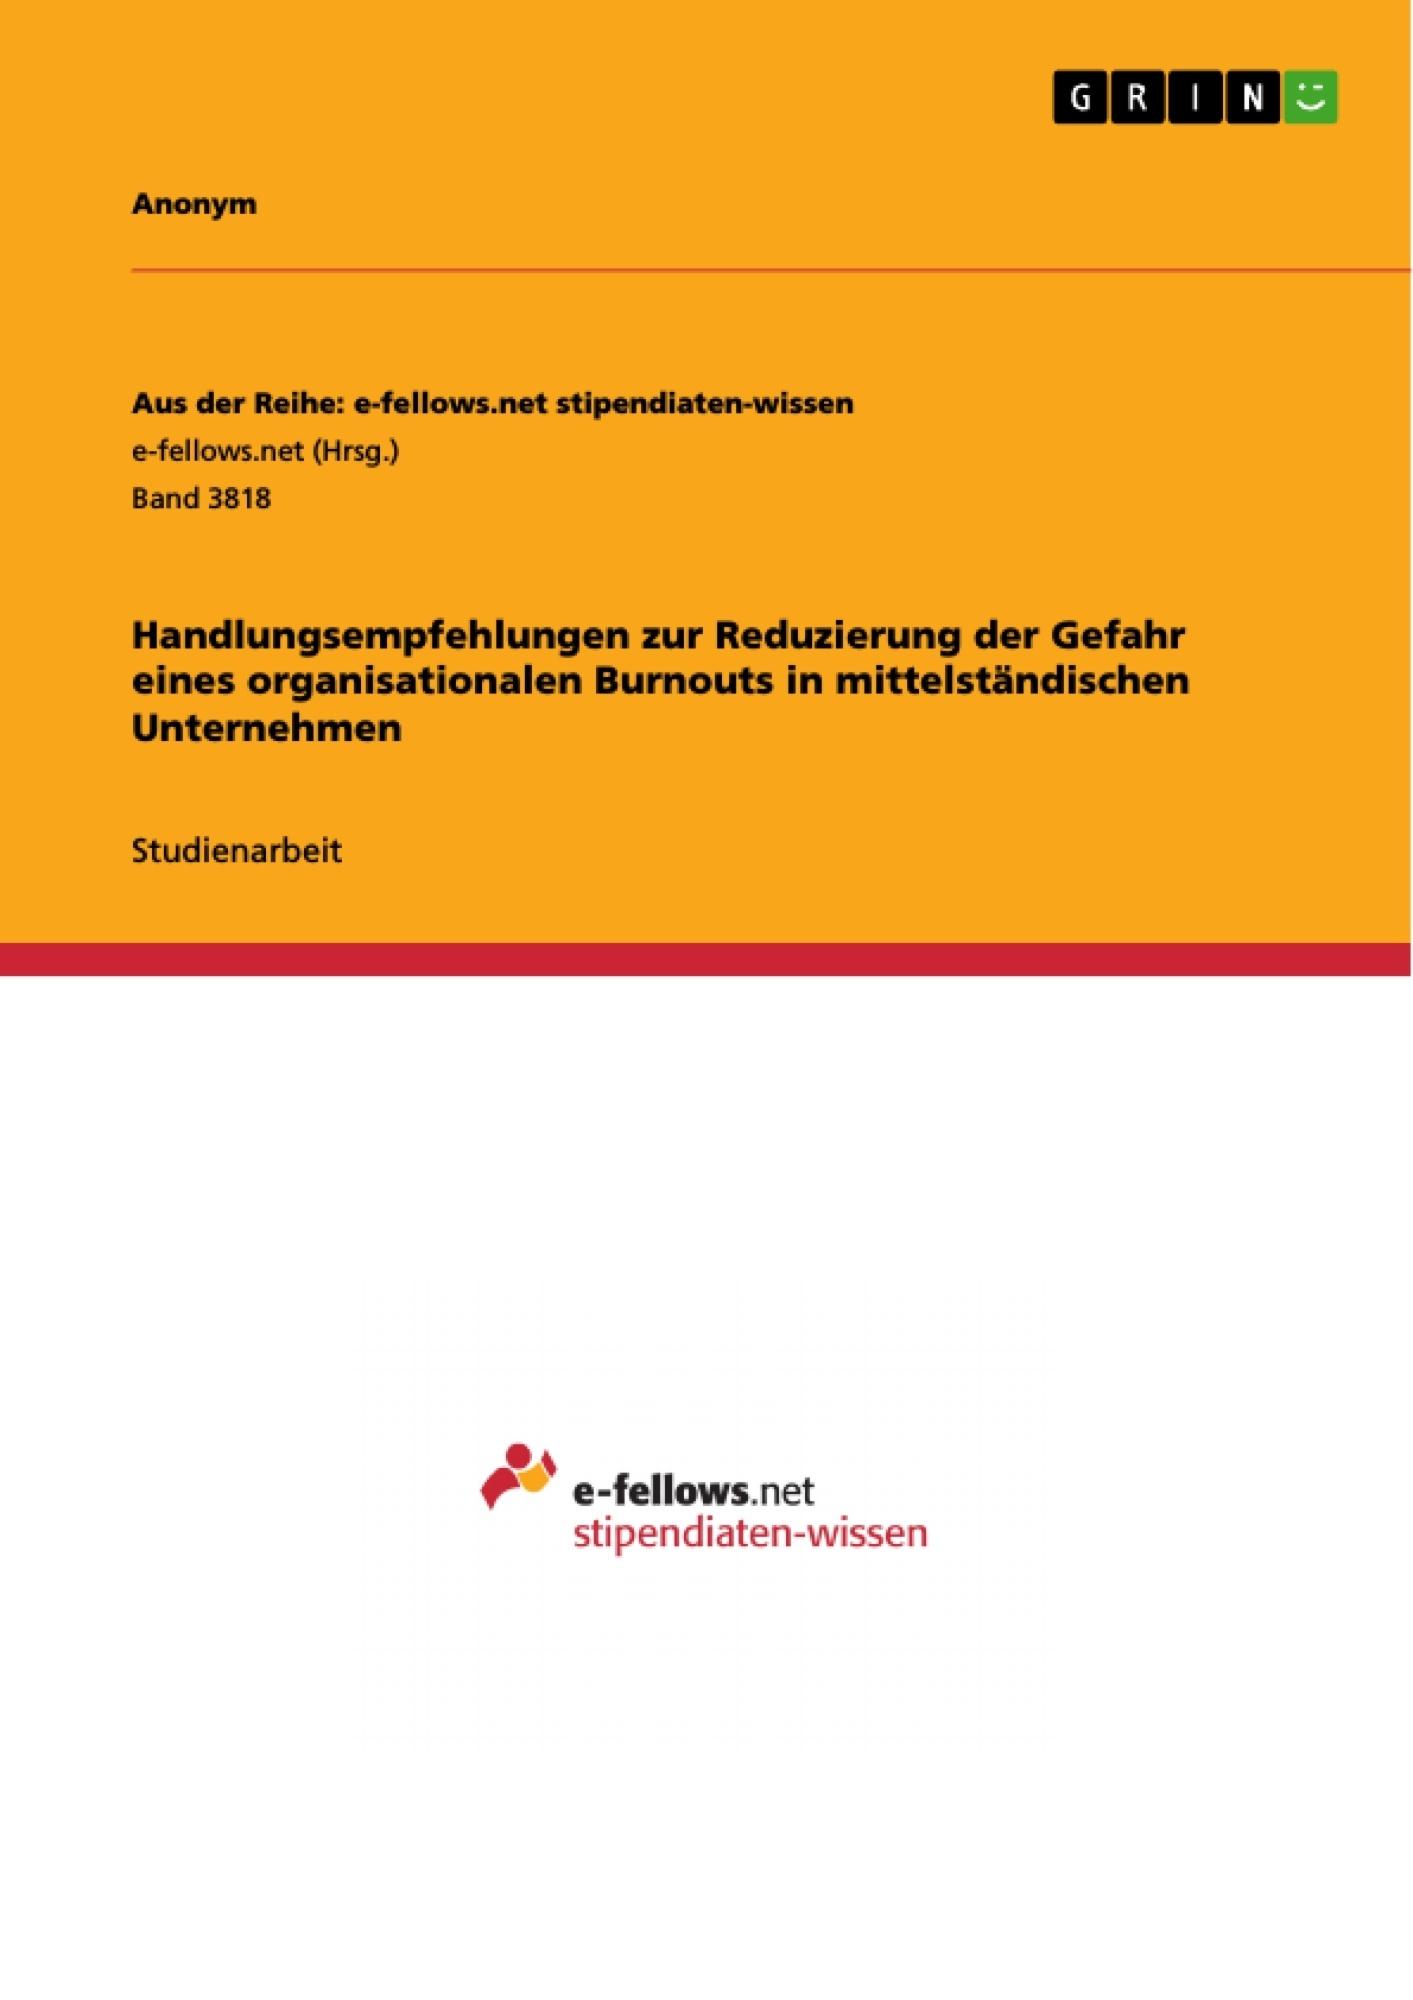 Titel: Handlungsempfehlungen zur Reduzierung  der Gefahr eines organisationalen Burnouts in mittelständischen Unternehmen